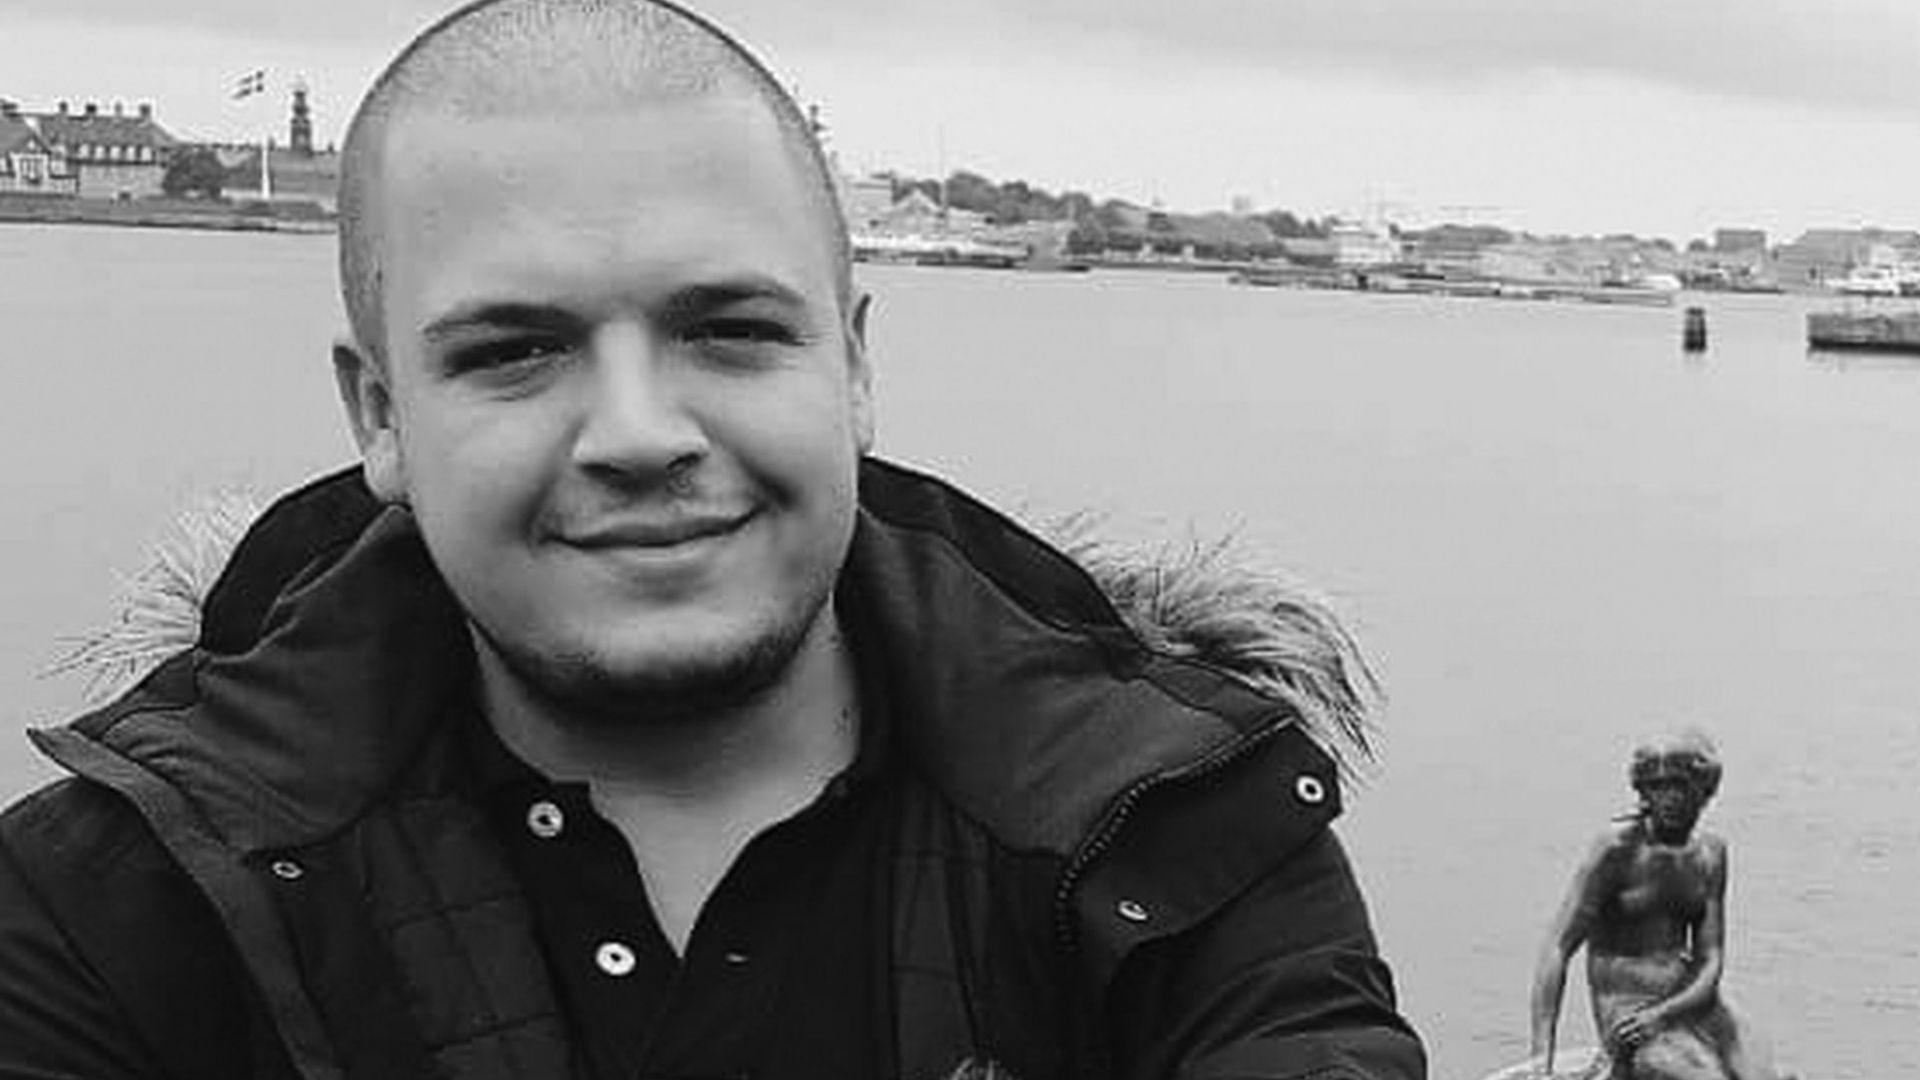 Гръцкият Арис иска да почете паметта на убития Тоско Бозаджийски